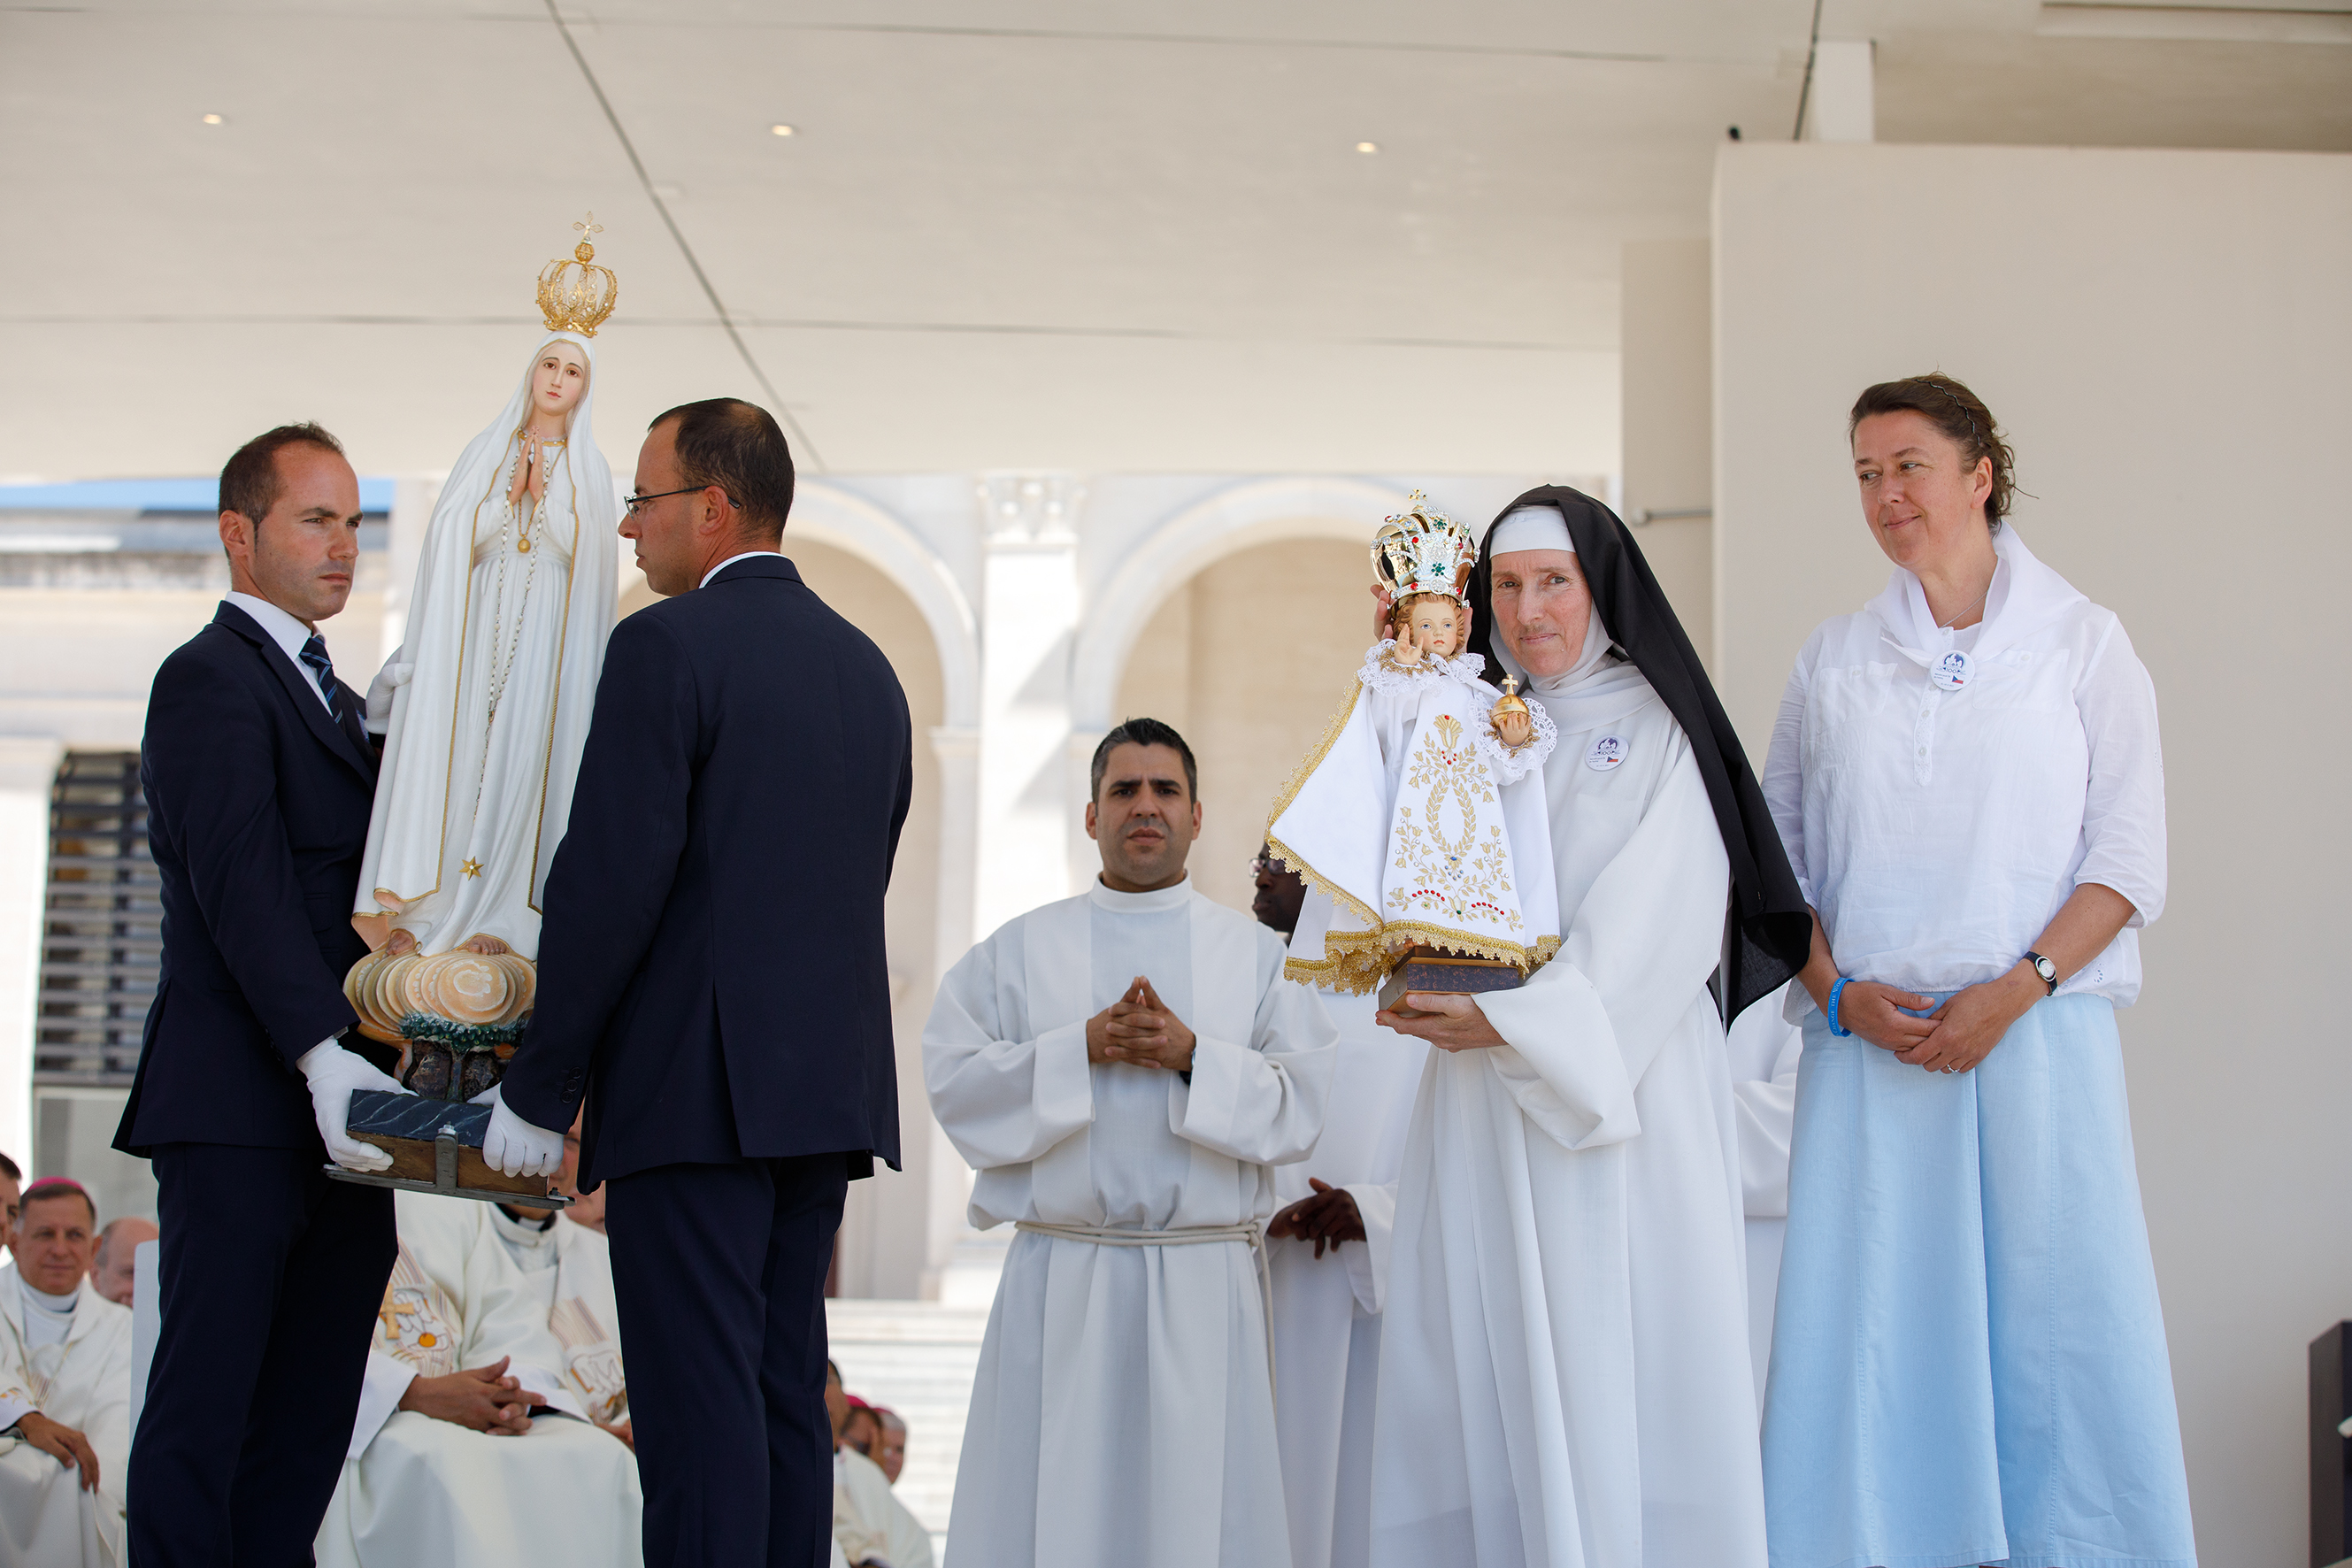 En la República Checa continúa peregrinaje de la Virgen de Fátima y del Niño Jesús de Praga